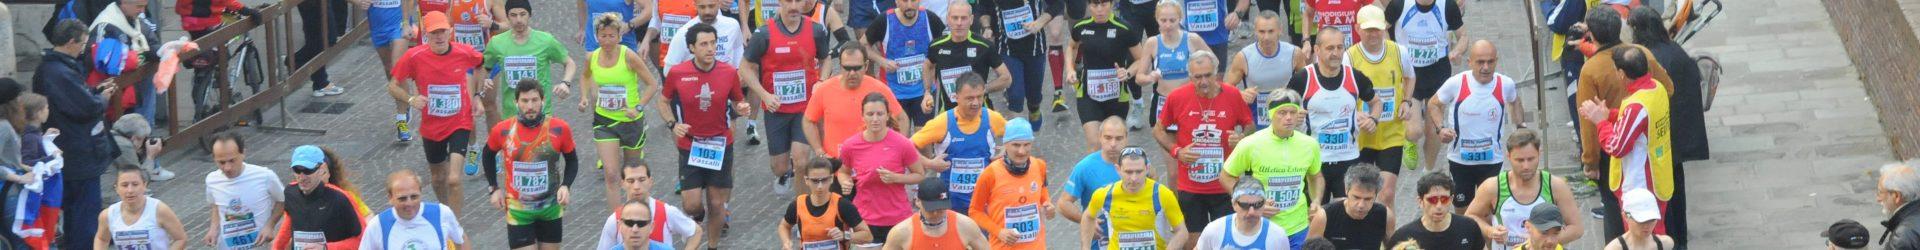 CLASSIFICHE Ferrara Marathon & Half Marathon, Edizione 2017